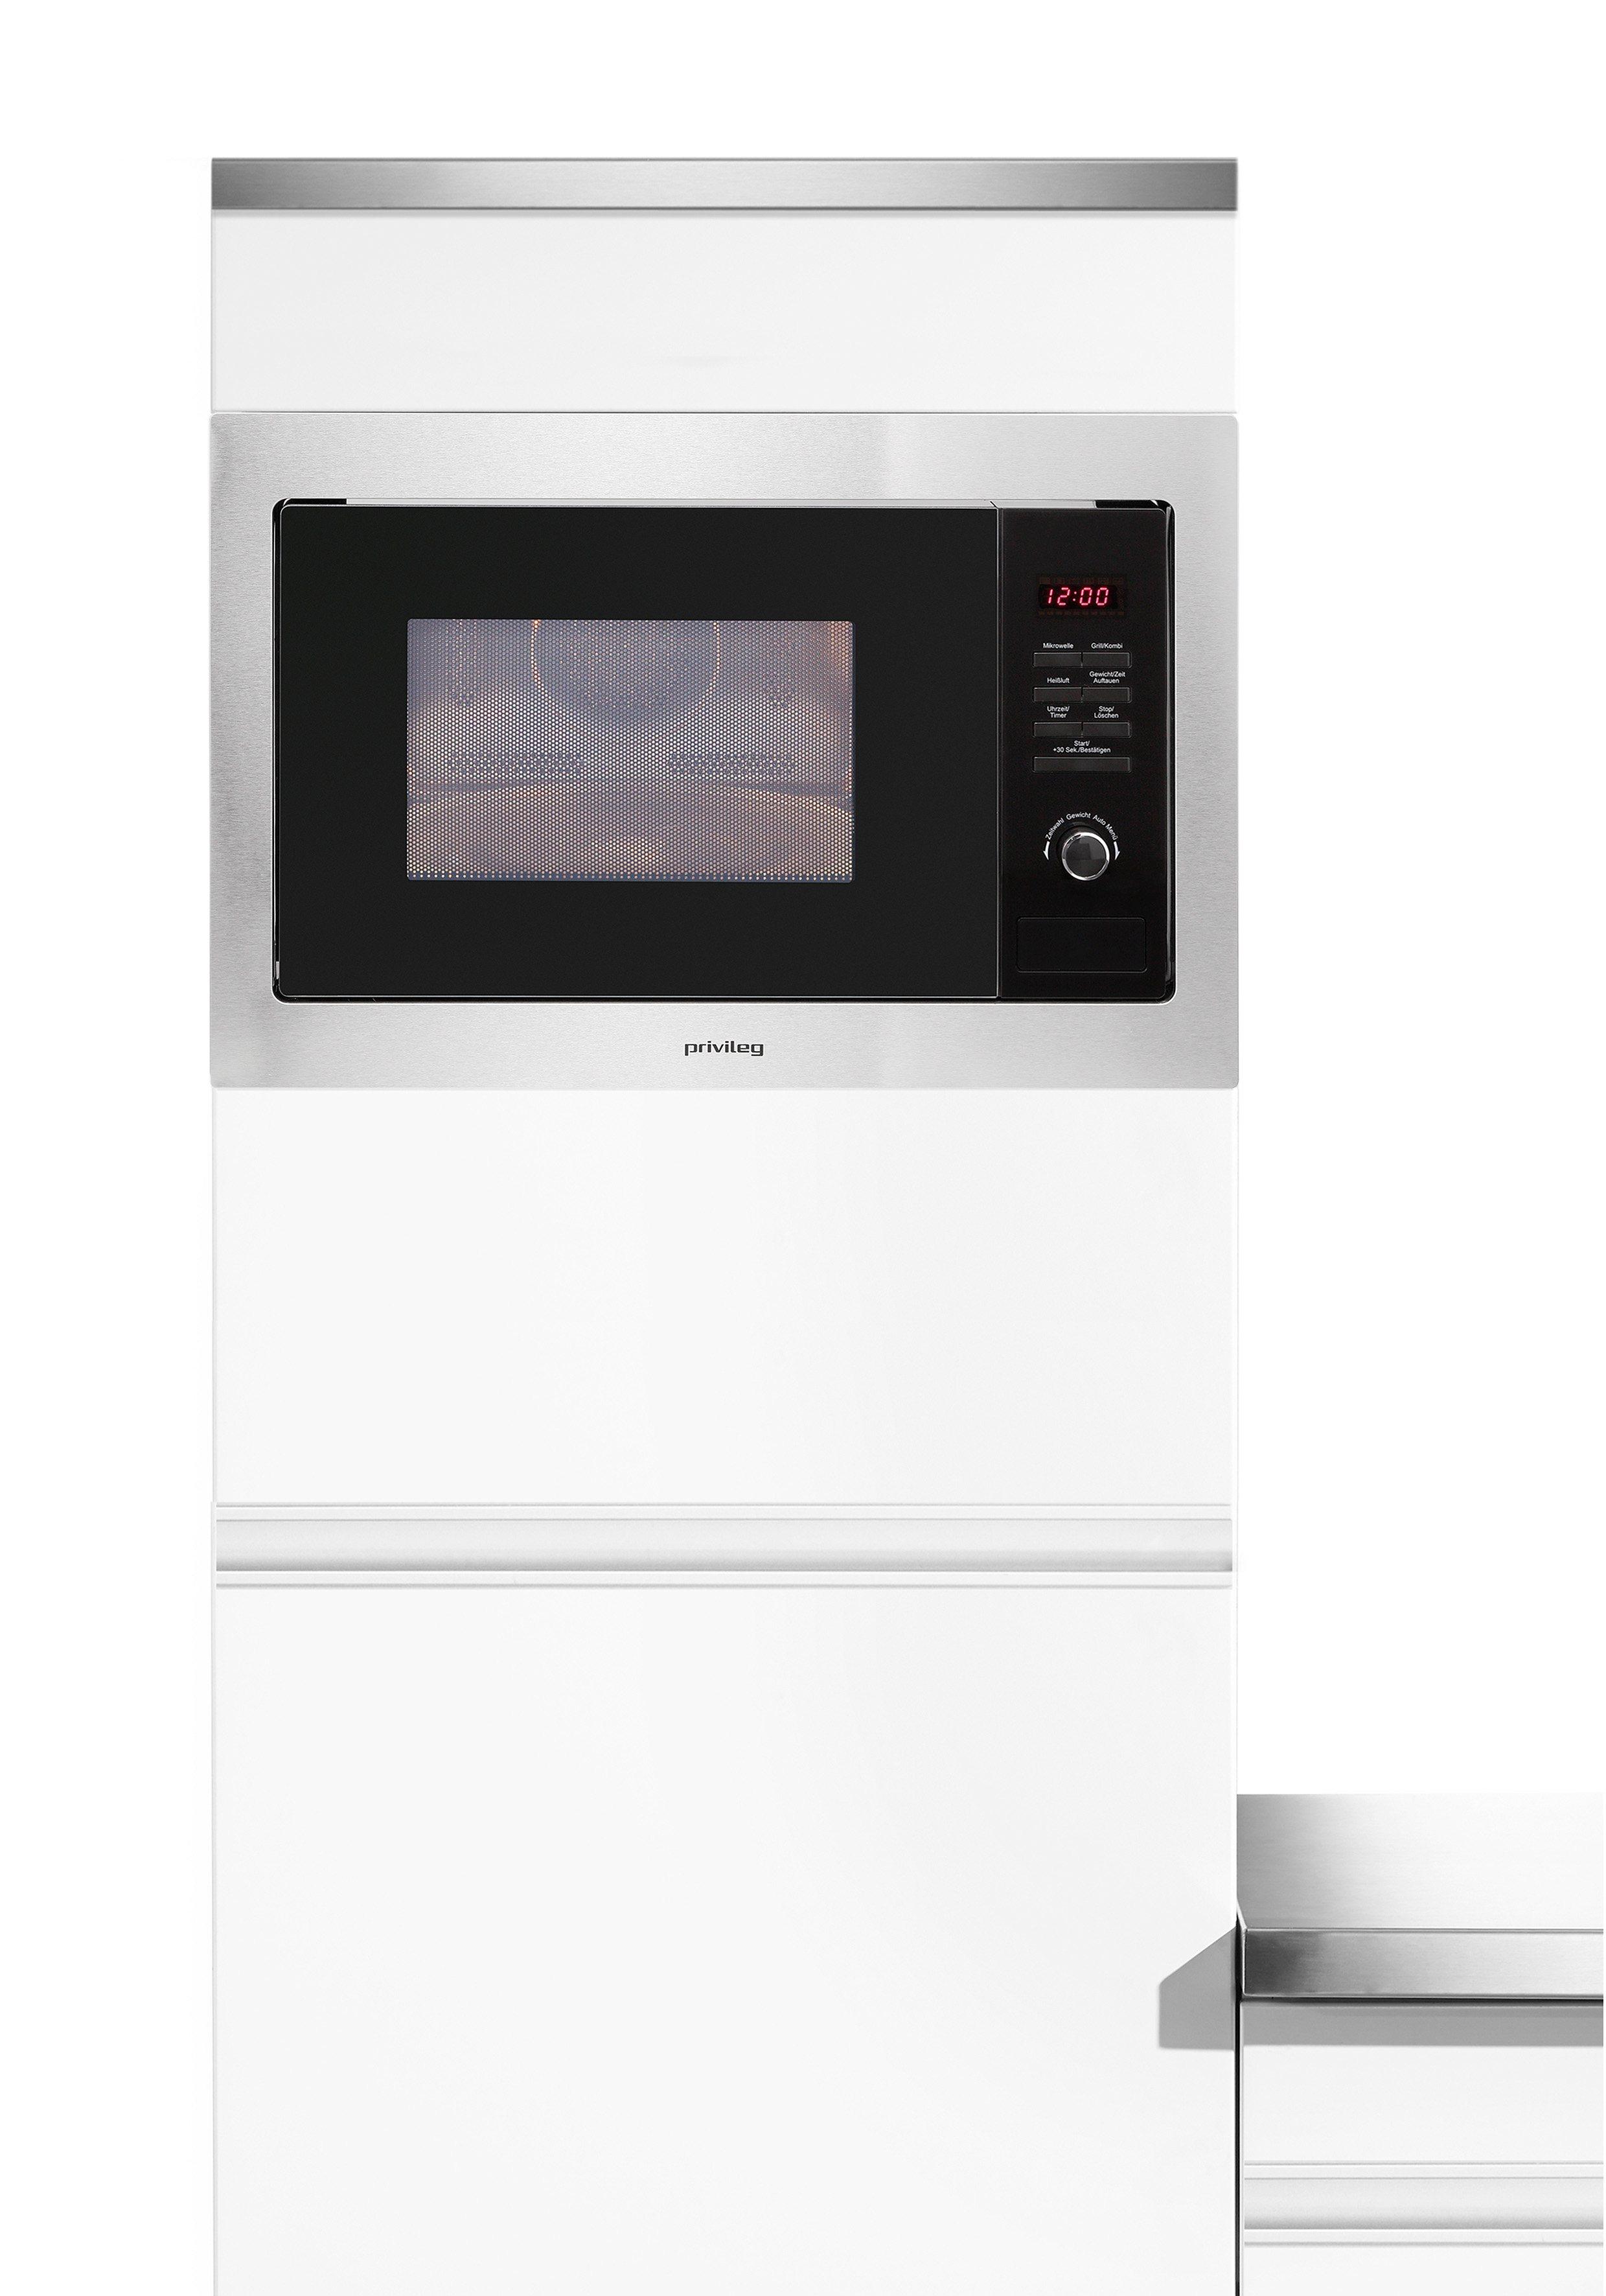 Privileg Einbau-Mikrowelle AC 925 BVE, mit Grill und Heißluft, 25 Liter, 900 Watt - Privileg